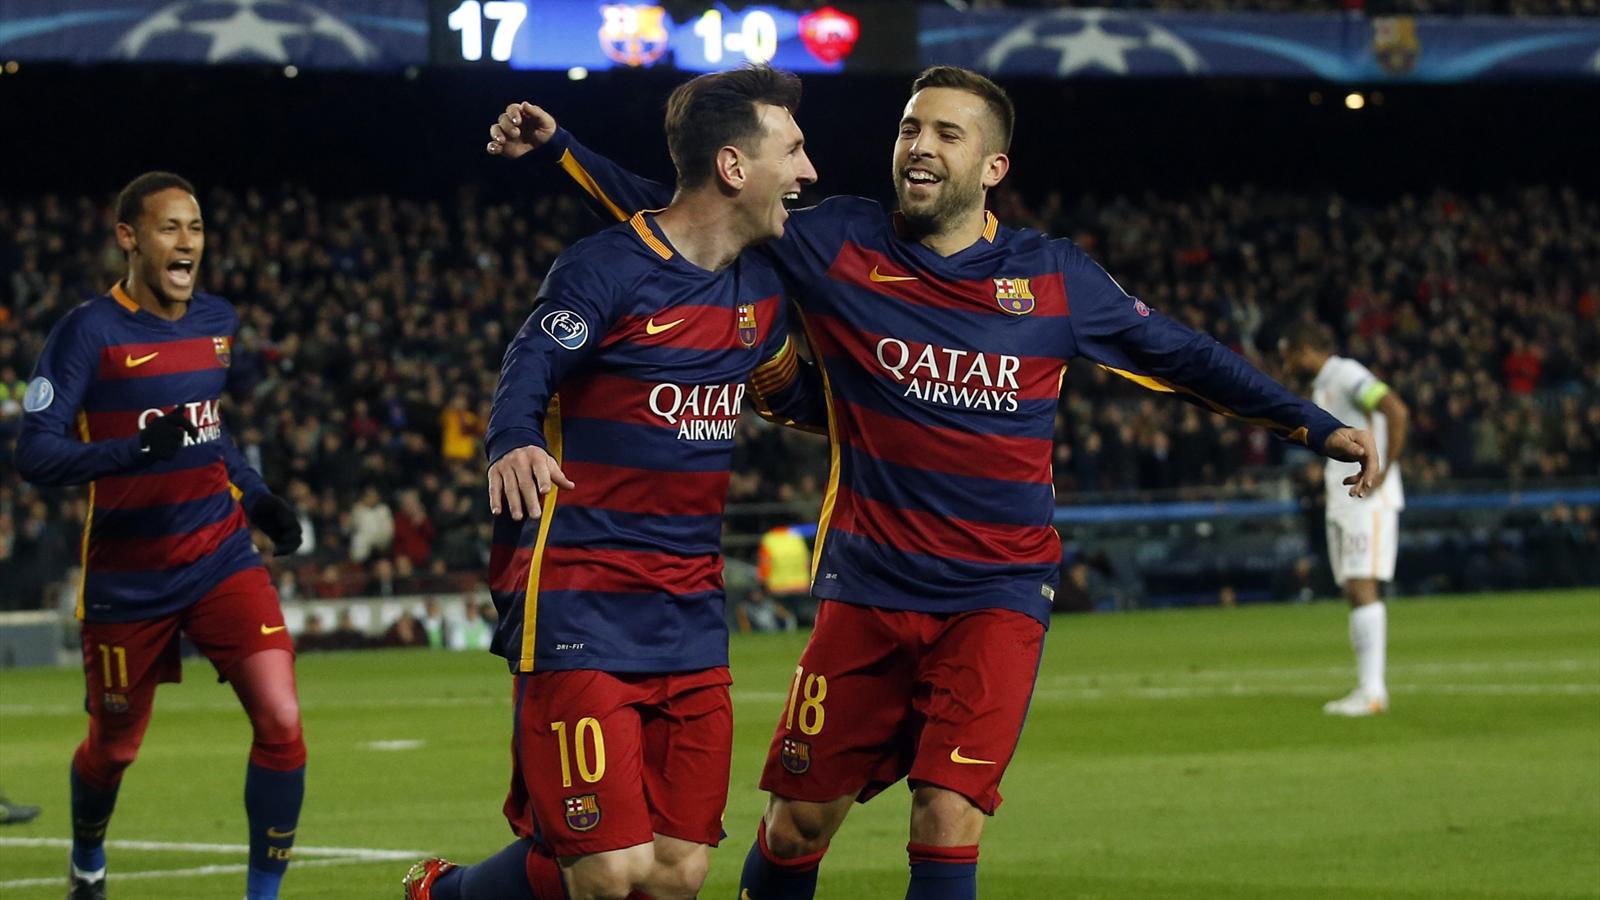 Картинки по запросу Barcelona 6:1 Roma